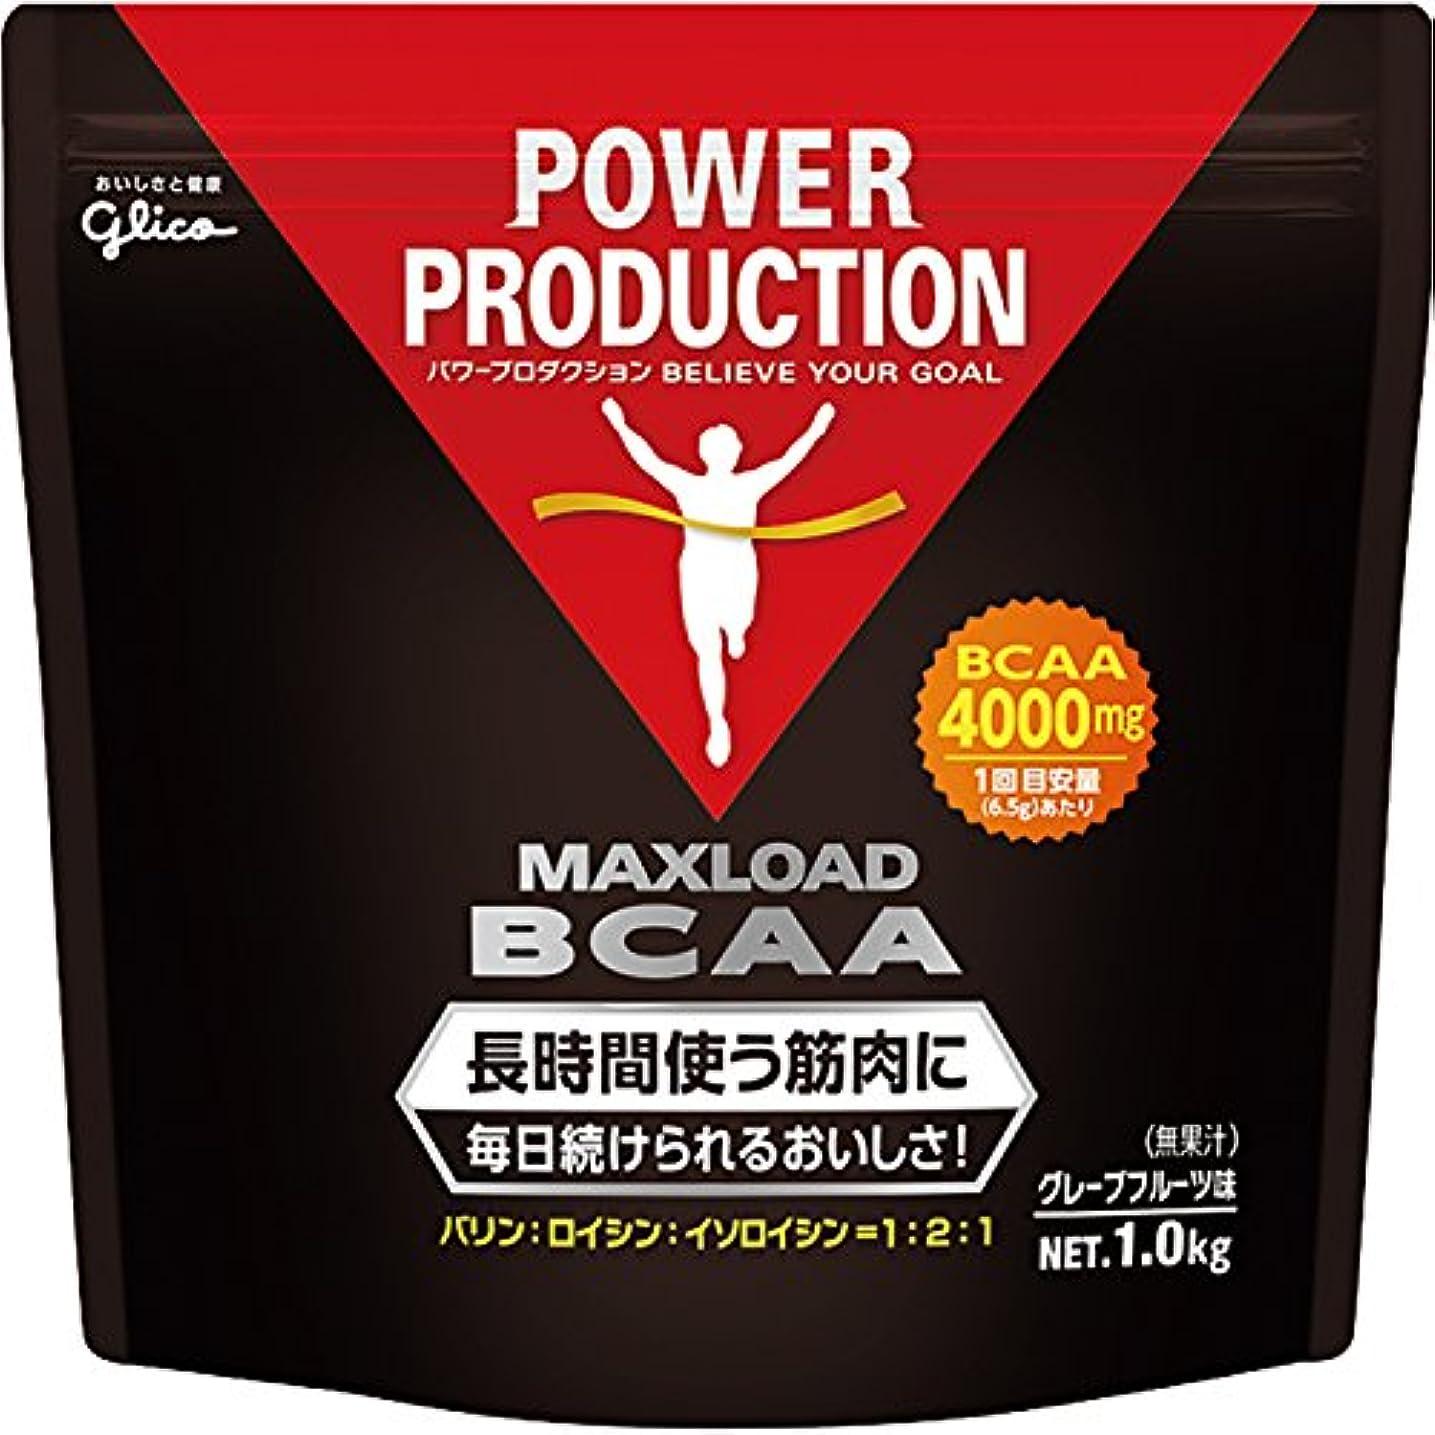 そんなにレンディション道路グリコ パワープロダクション マックスロード BCAA4000mg アミノ酸 グレープフルーツ風味 1kg【使用目安 約153回分】